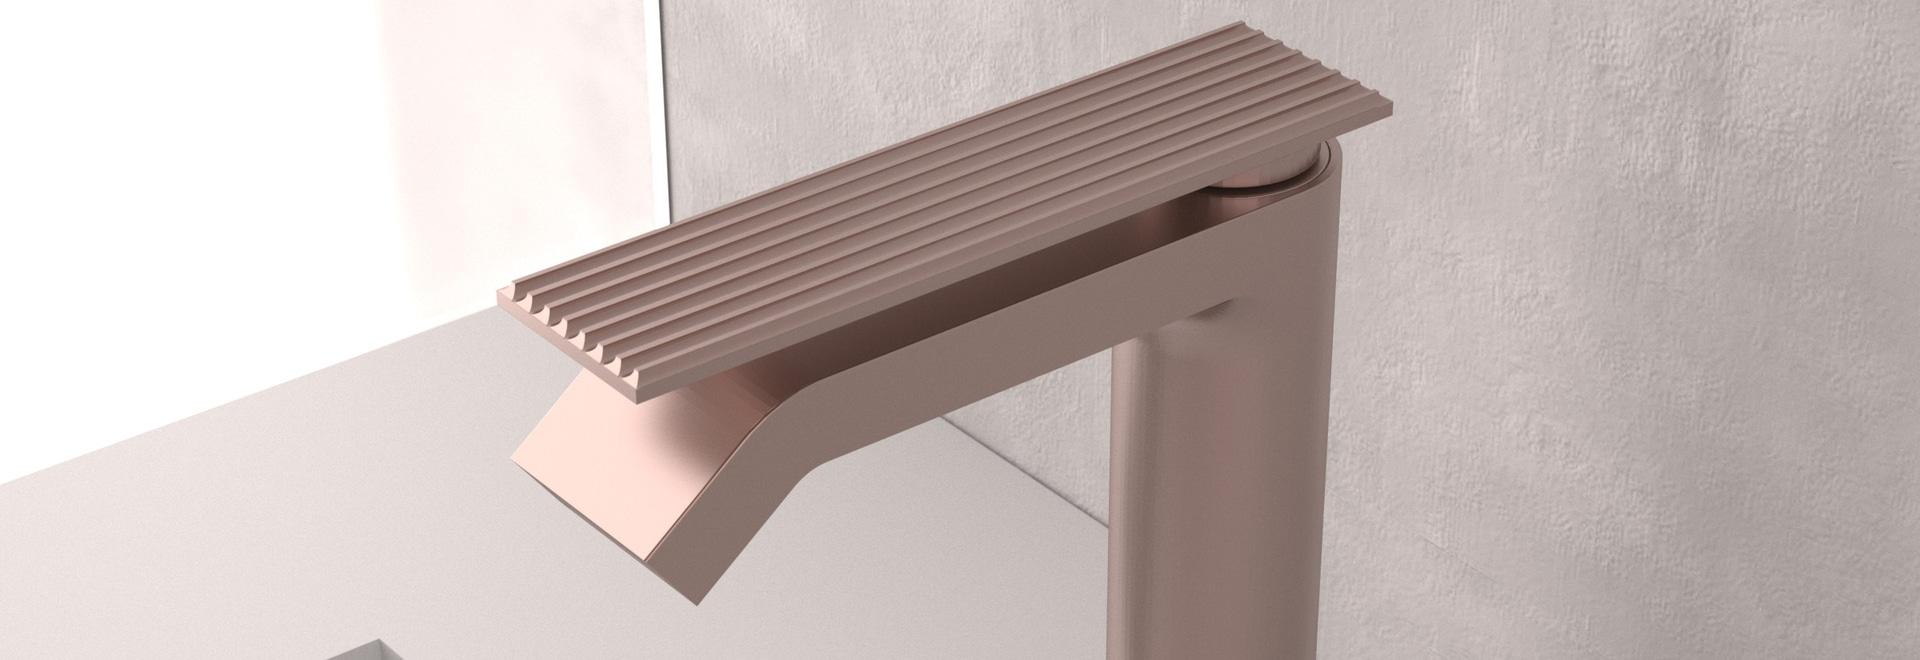 IOS – design Marco Pisati